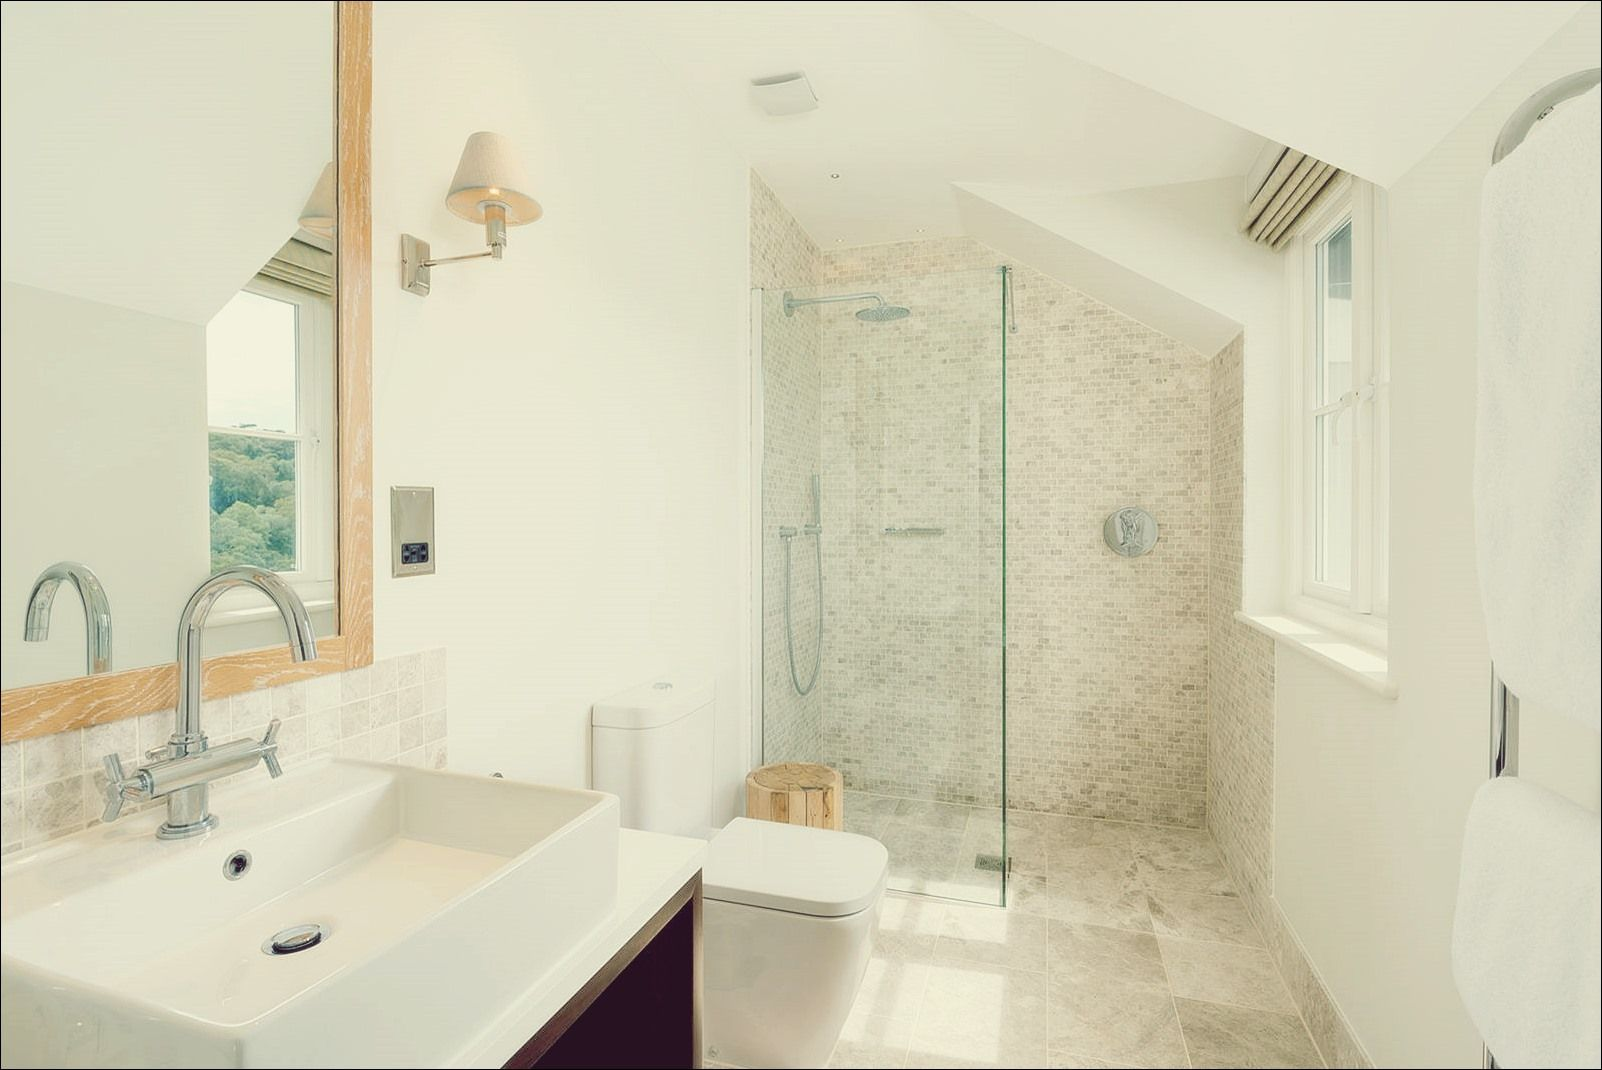 10 Begehbare Dusch Designs Zur Aufwertung Ihres Badezimmers Badezimmer Modernes Badezimmerdesign Und Badezimmer Design